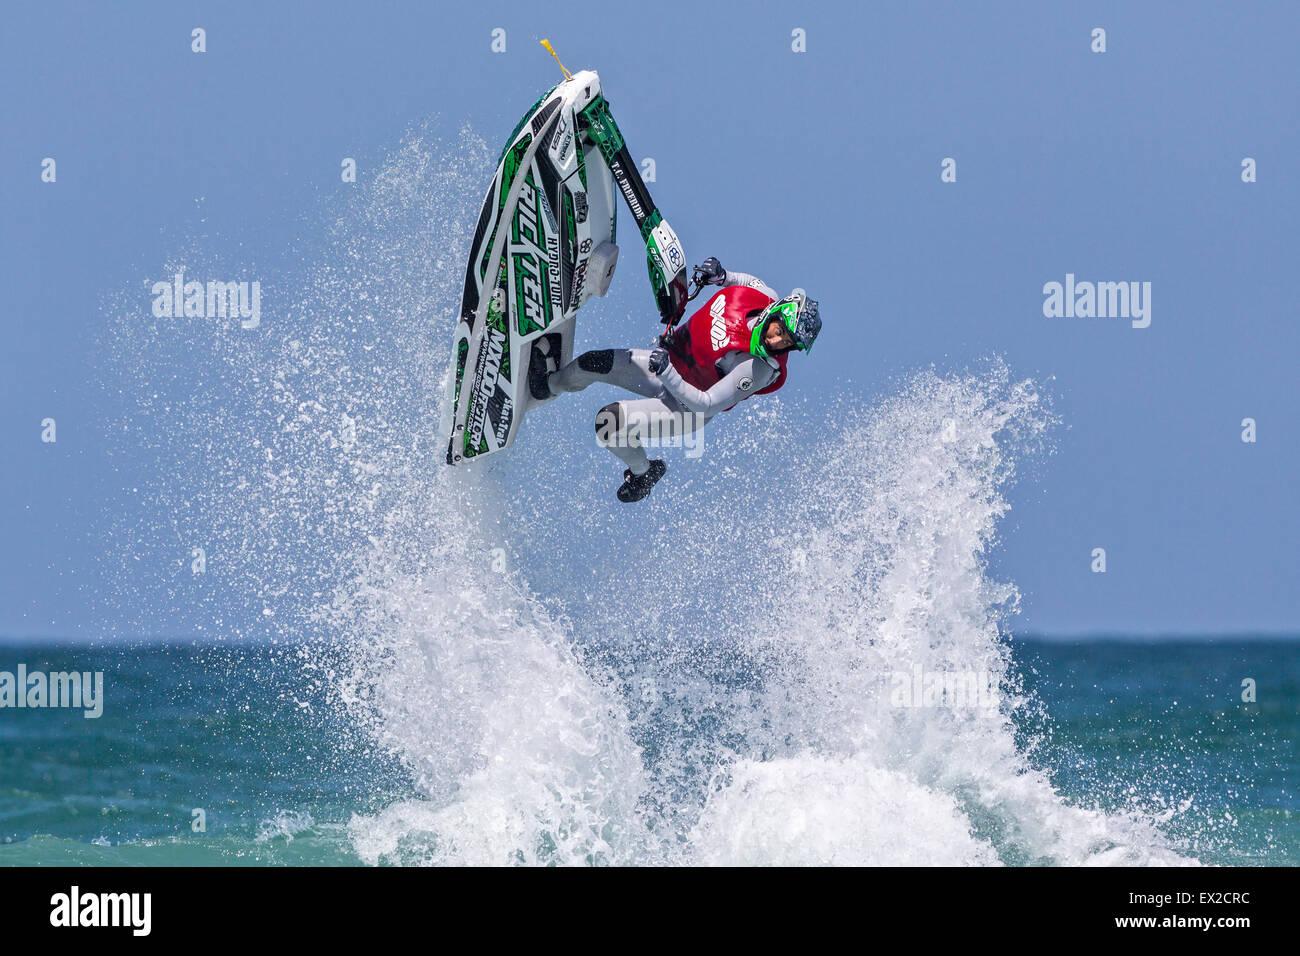 Rider en compétition au tour du monde de l'IFWA 2015 Championnat de Jet Ski, plage de Fistral, Cornwall, Photo Stock